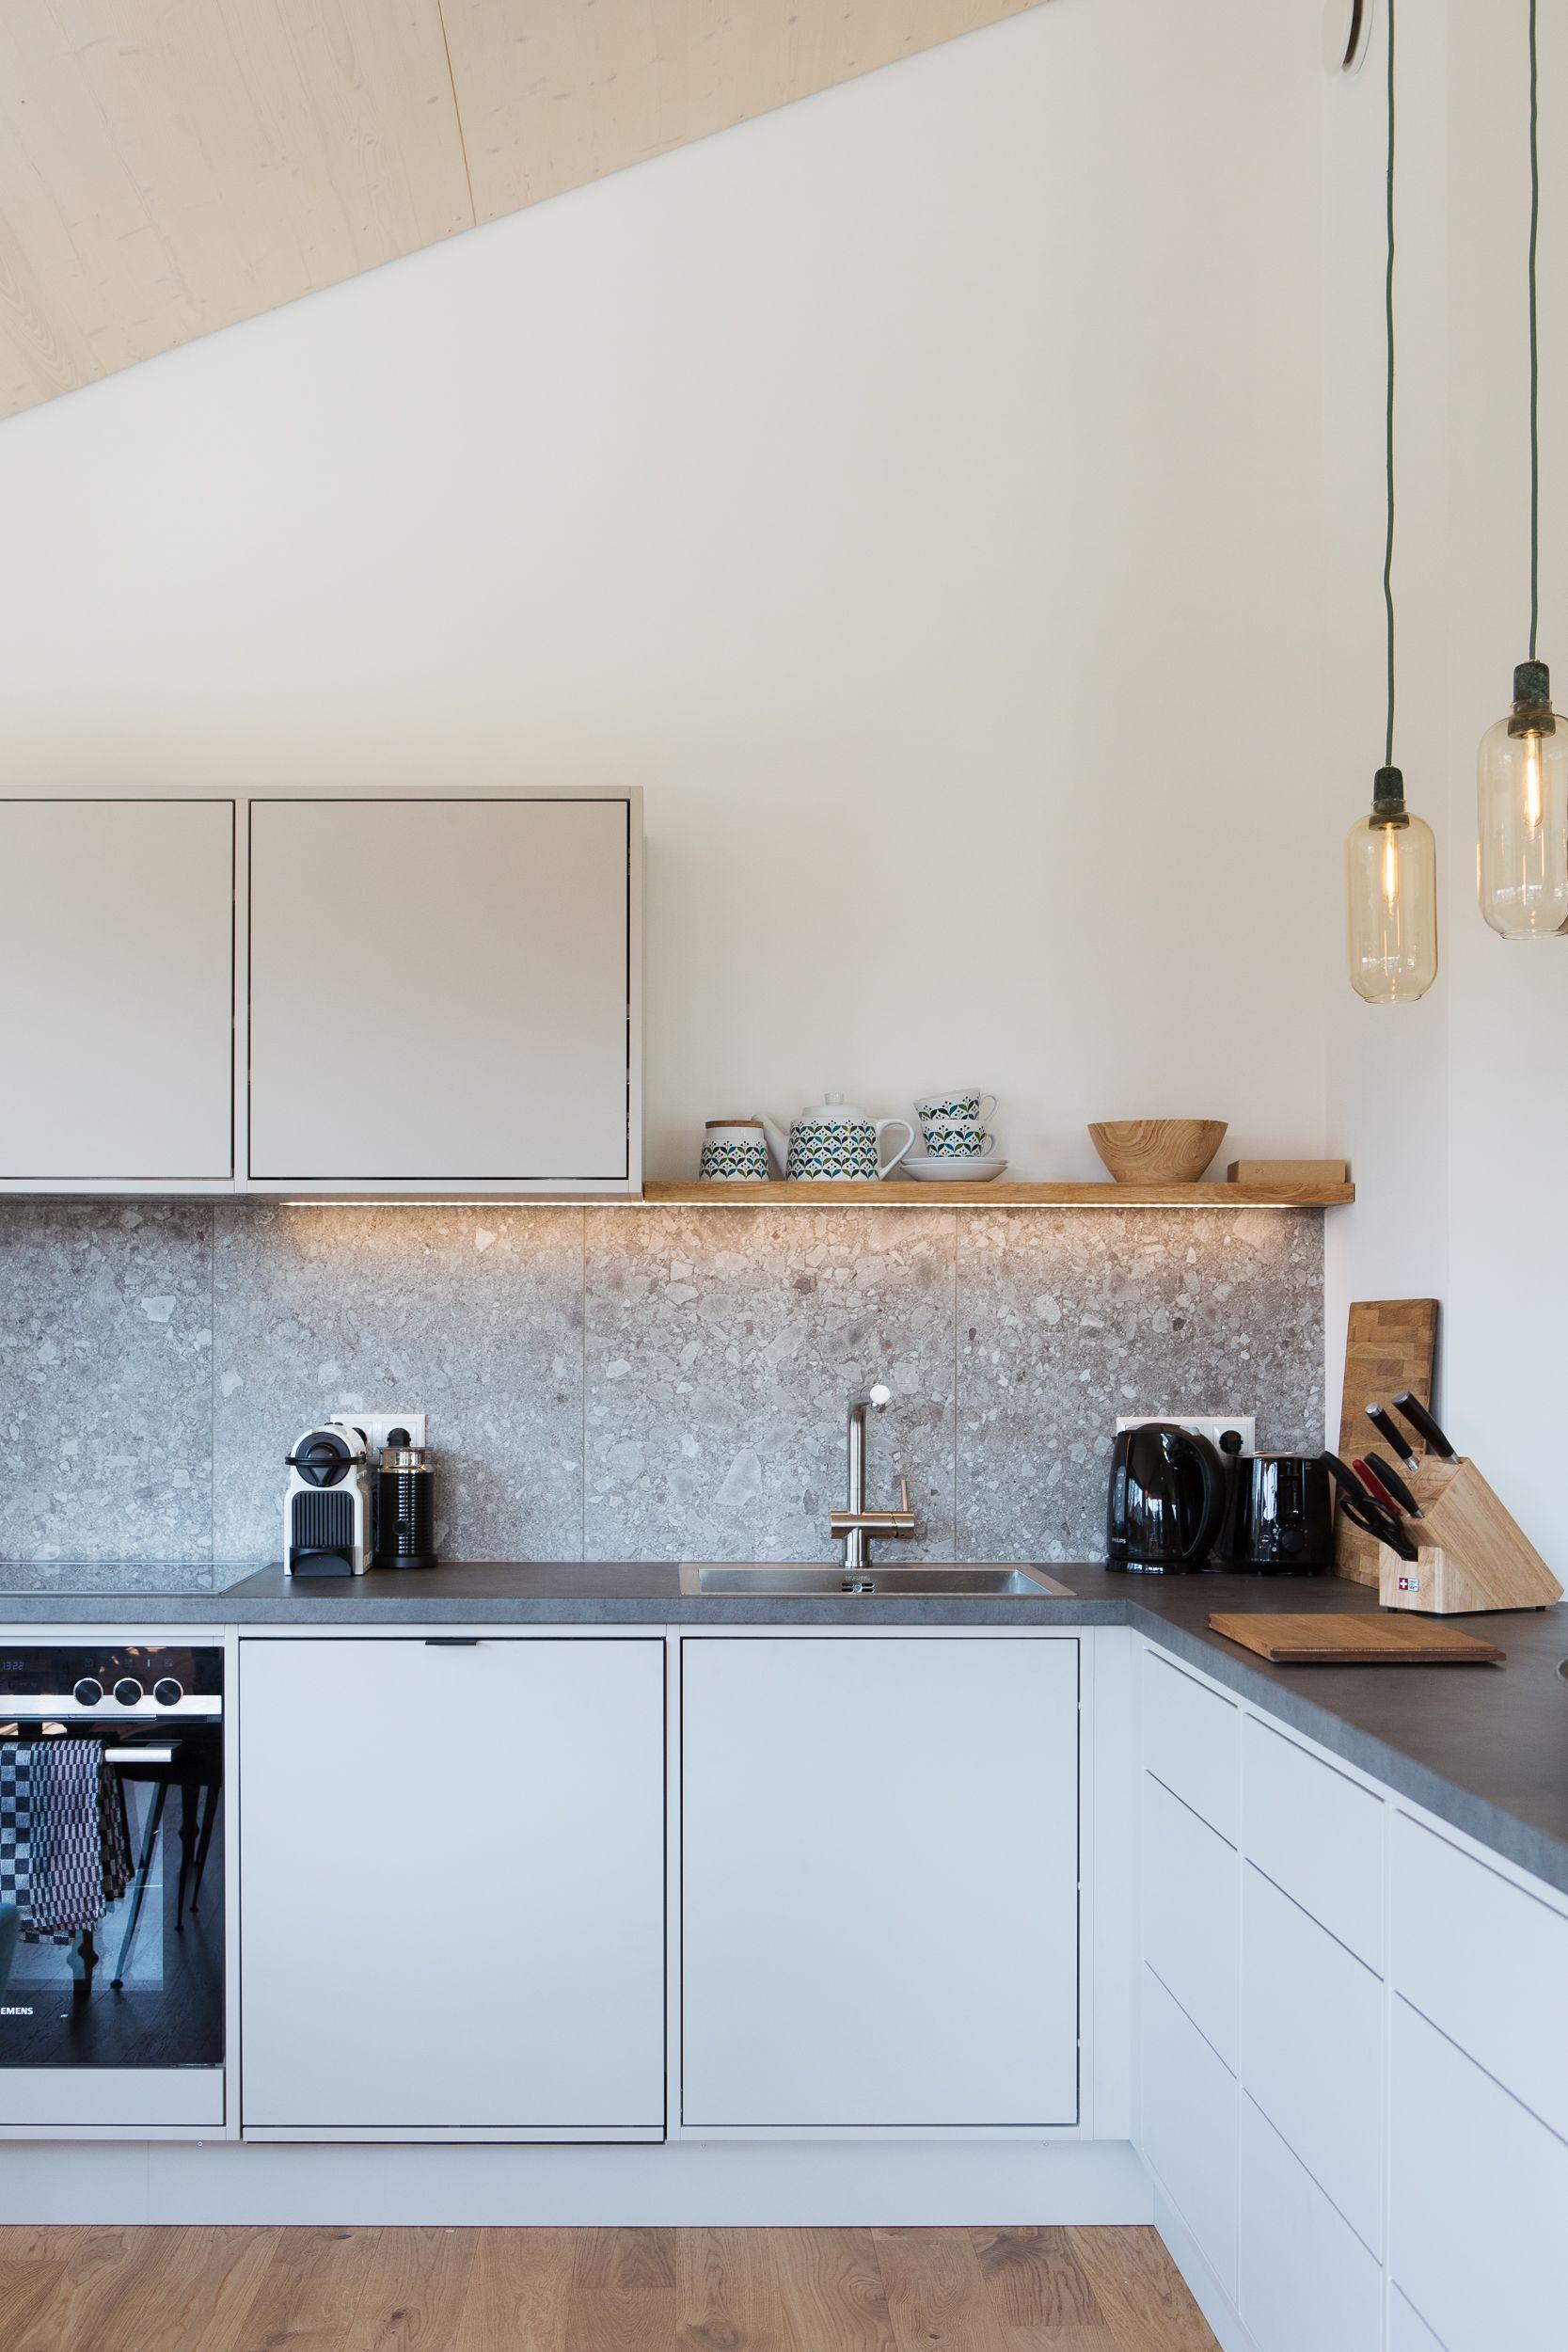 Küche mit Fliesen in Betonoptik tolleküche